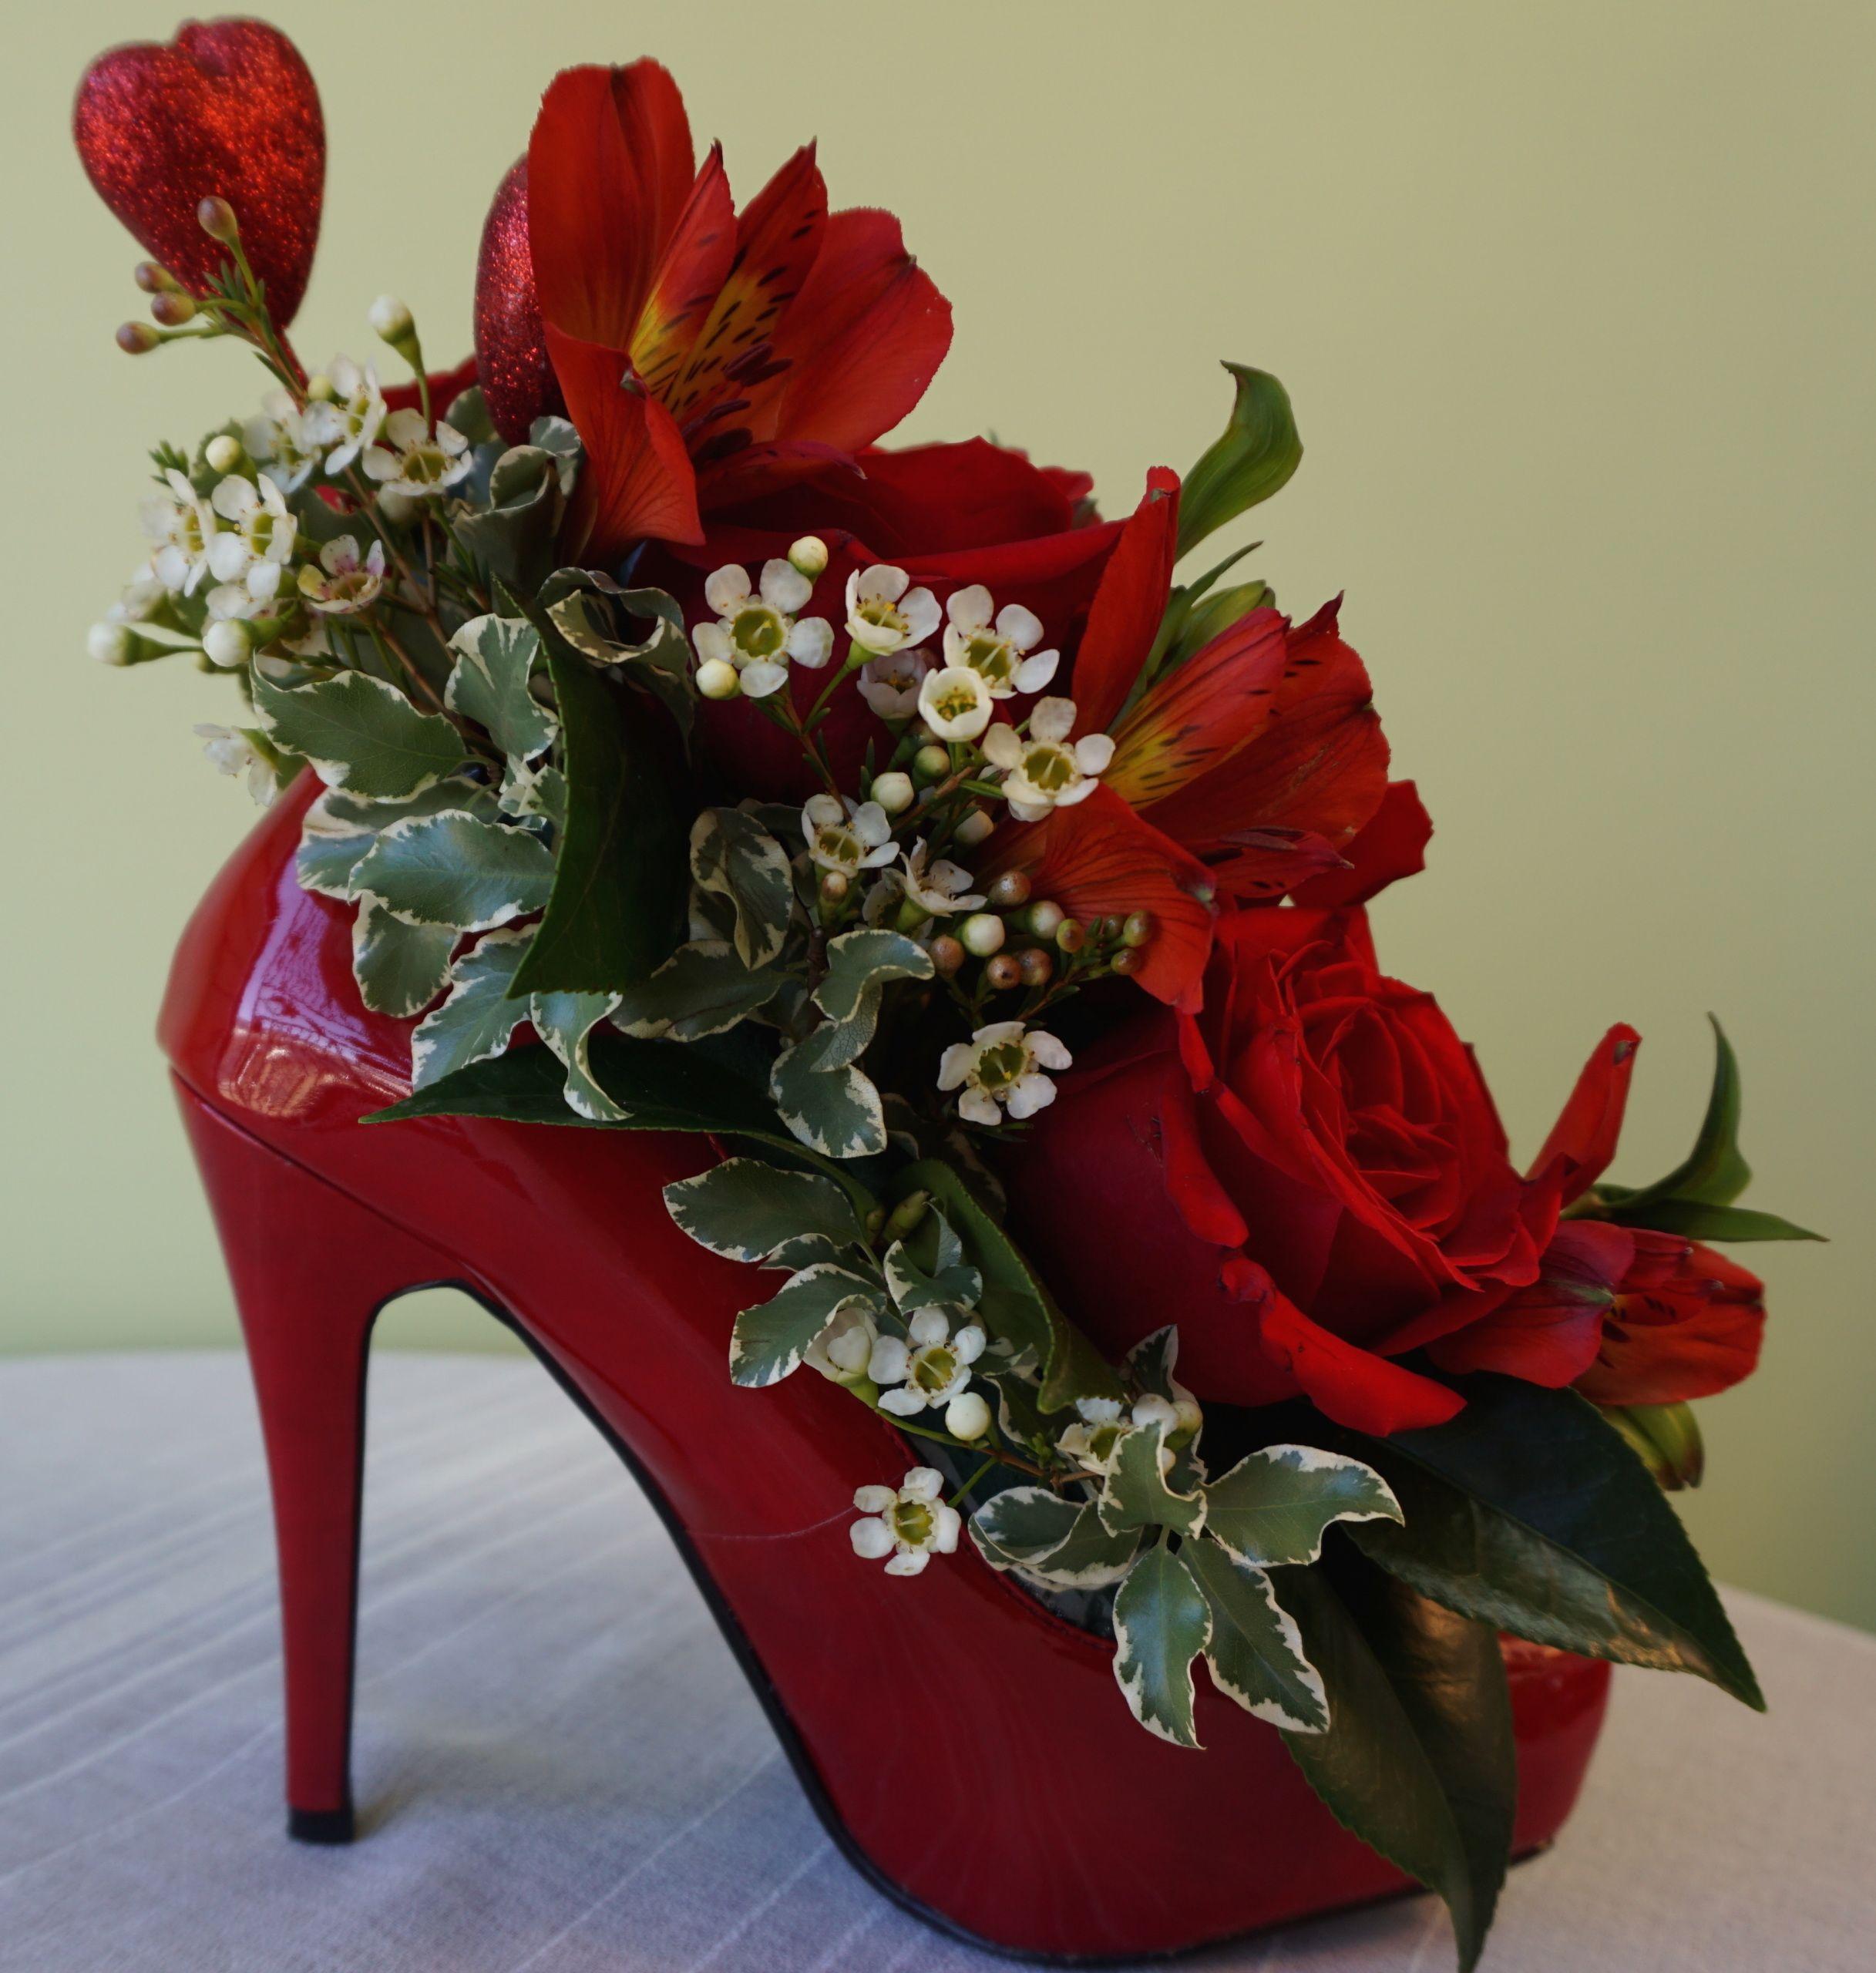 Flower Arrangement In A High Heel Shoe Home Decor